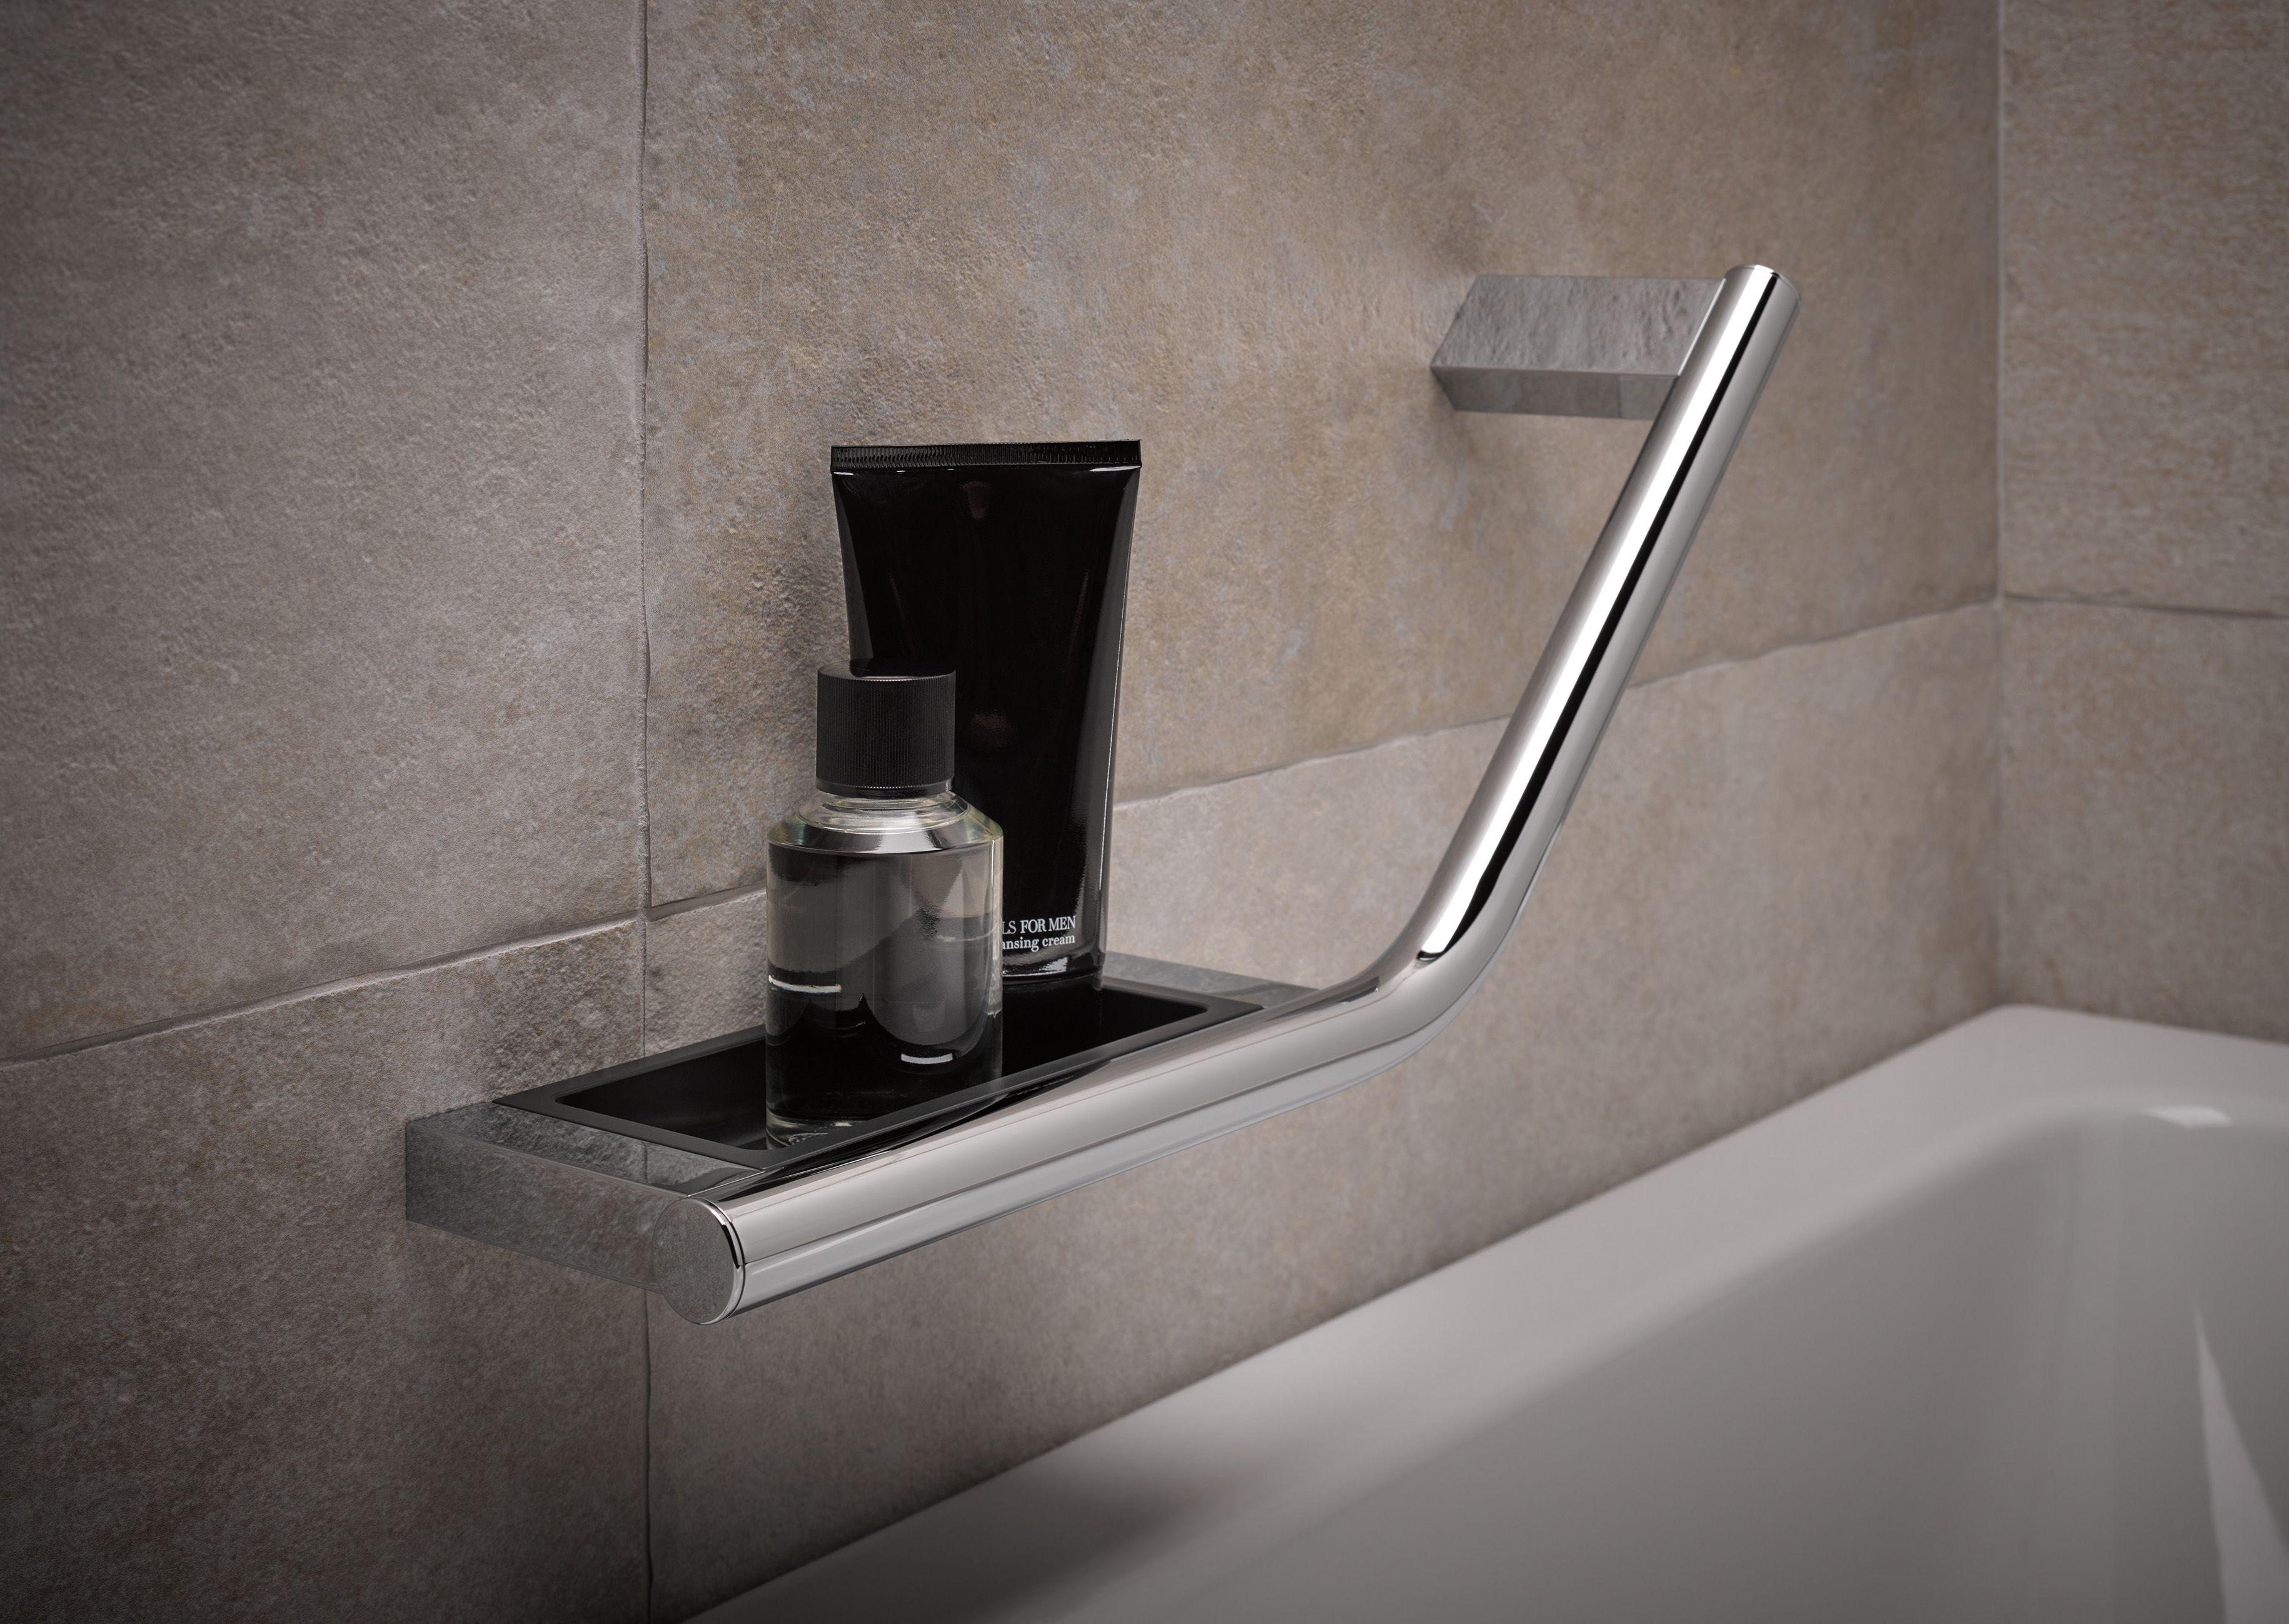 Badezimmer Armaturen ~ Moderne armaturen badezimmer. 163 besten bad bilder auf pinterest